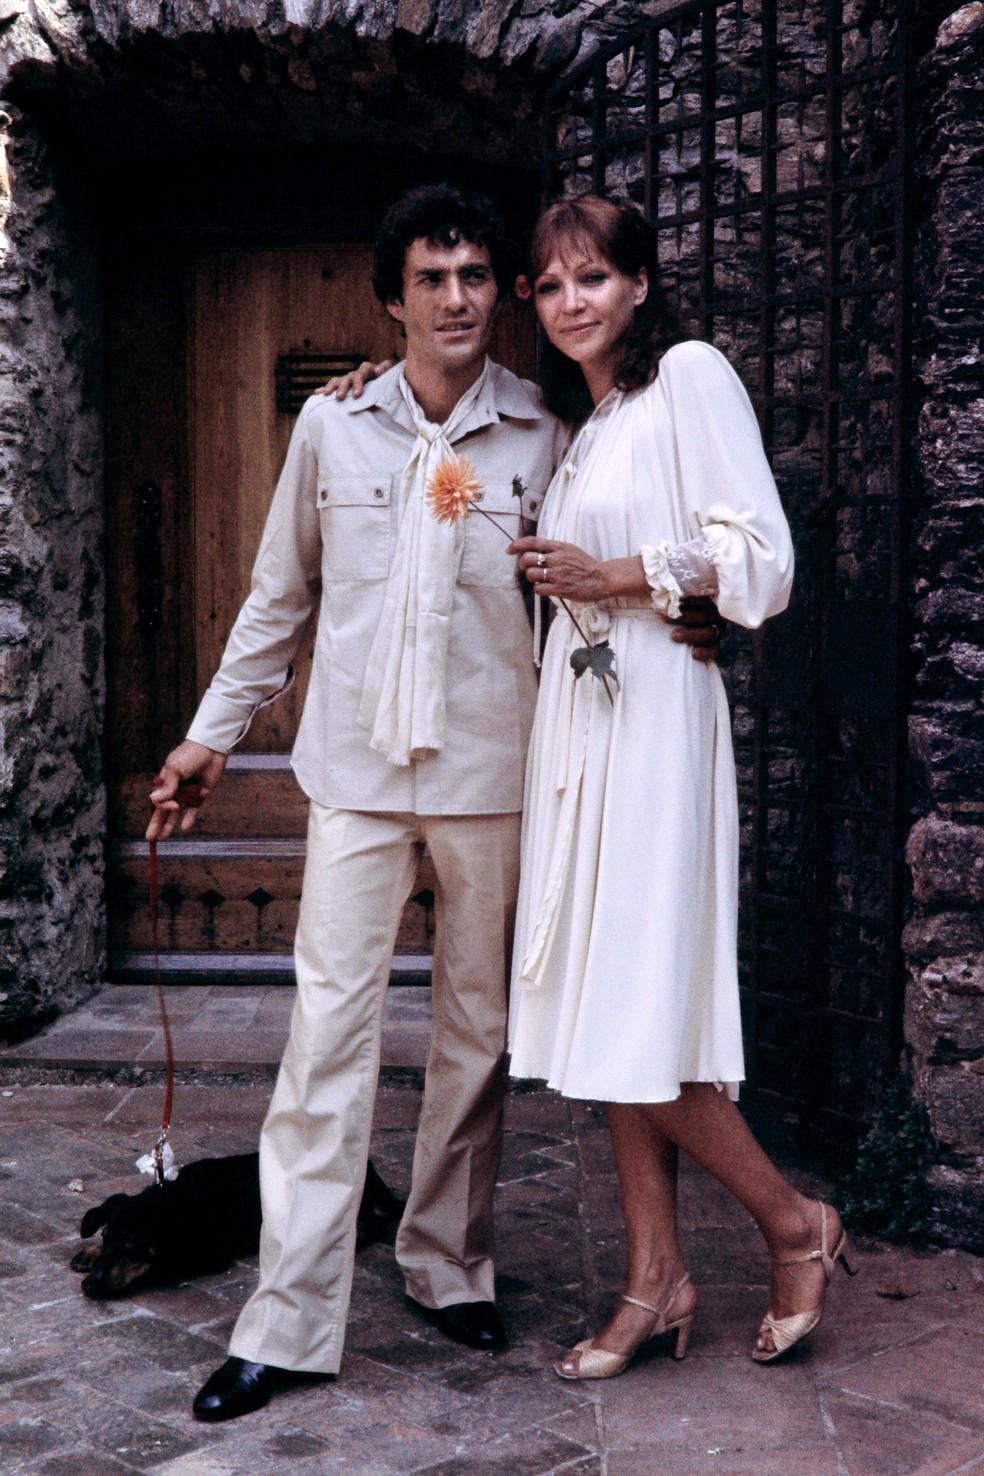 Anna Karina (R) e o ator francês Daniel Duval posam durante o casamento em La Garde-Freinet, sudeste da França, em 1º de julho de 1978 — Foto: AFP